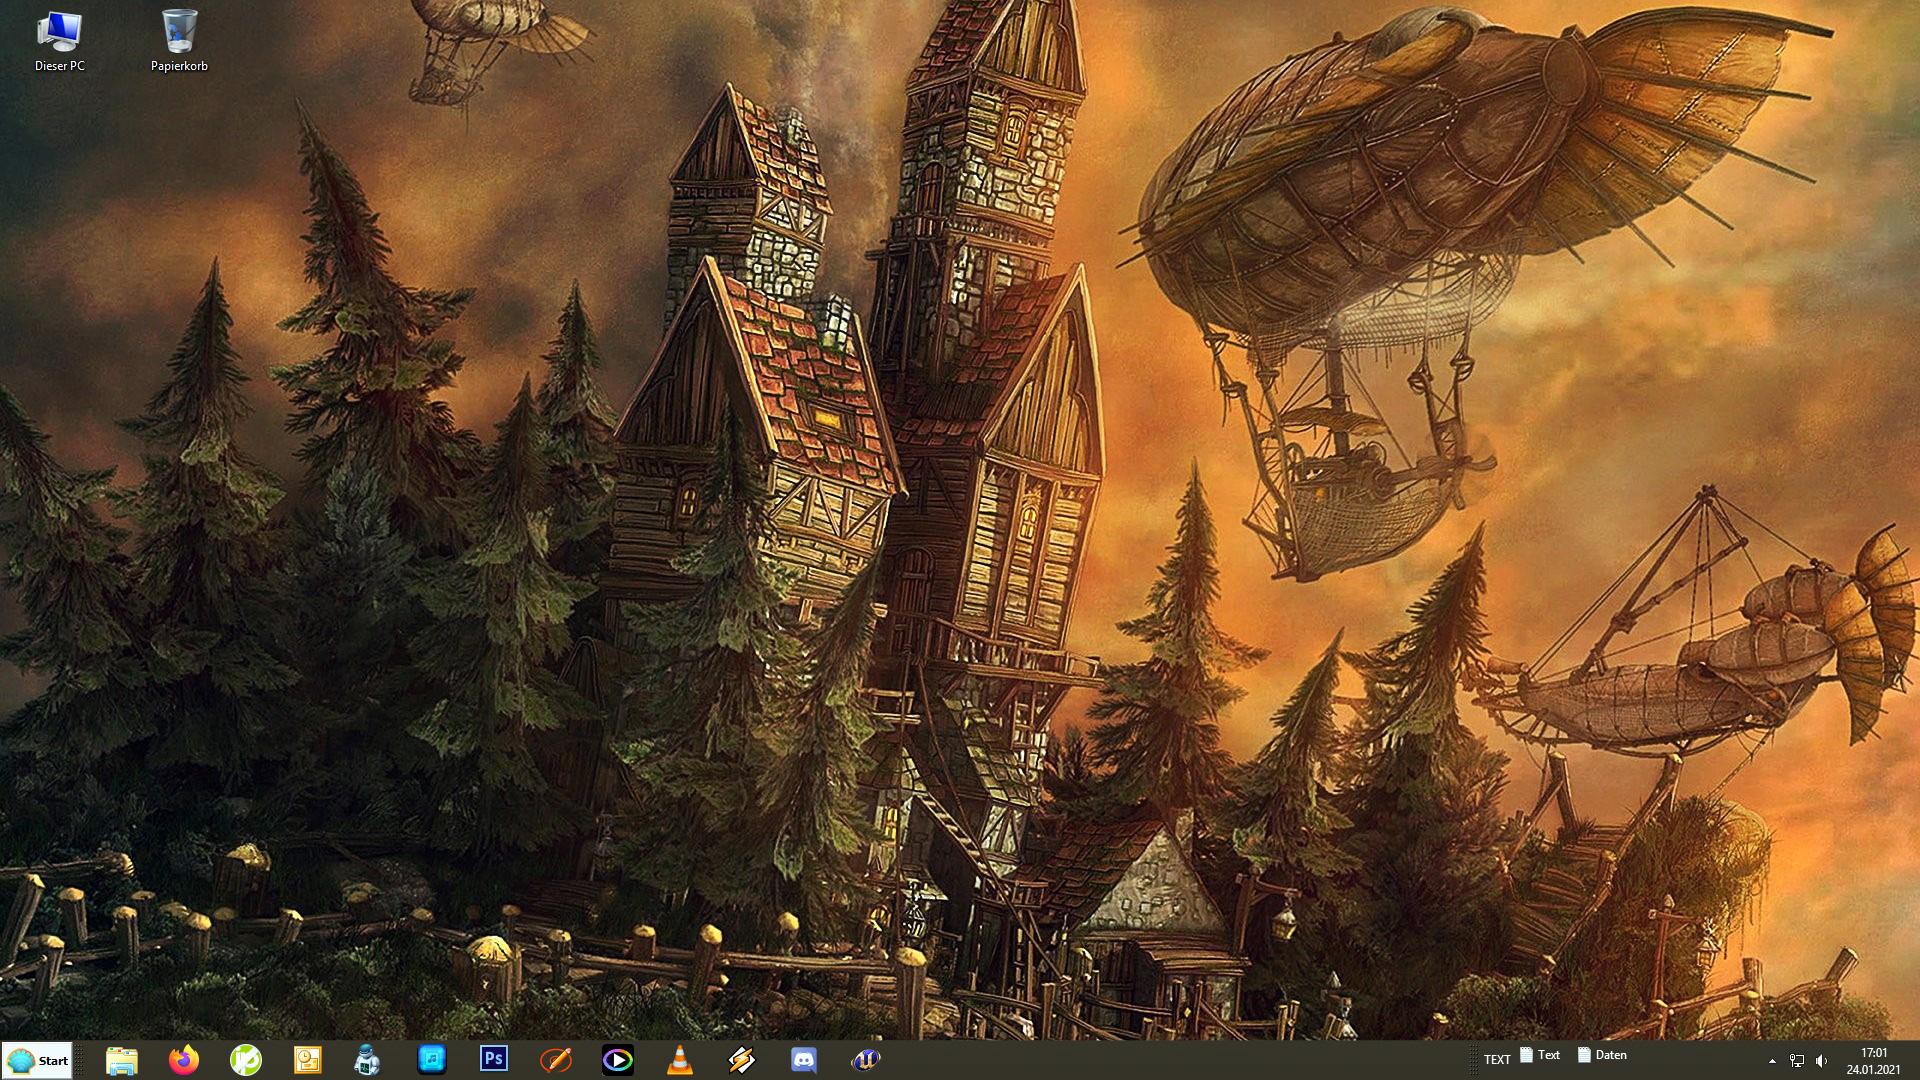 Desktop Windows 8.1.jpg